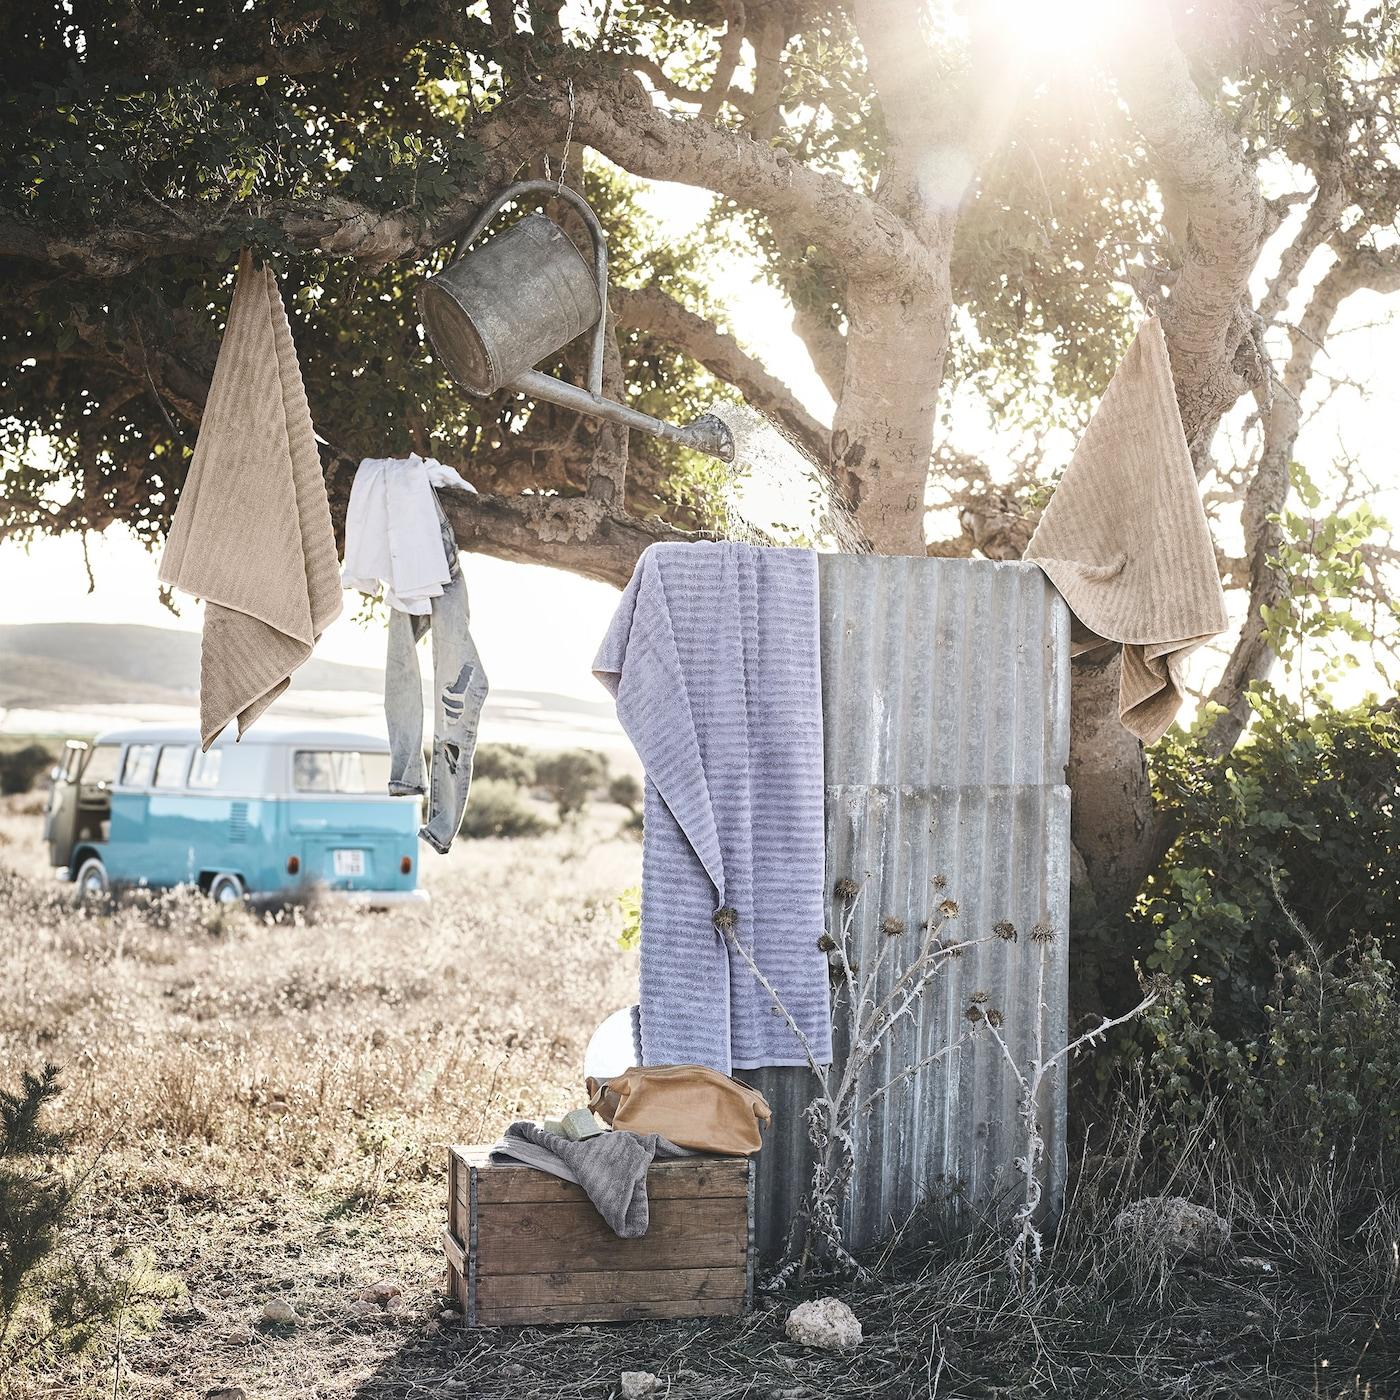 Drie FLODALEN badhanddoeken met golvende textuur in beige en paars katoen hangen in een boom naast een buitendouche.